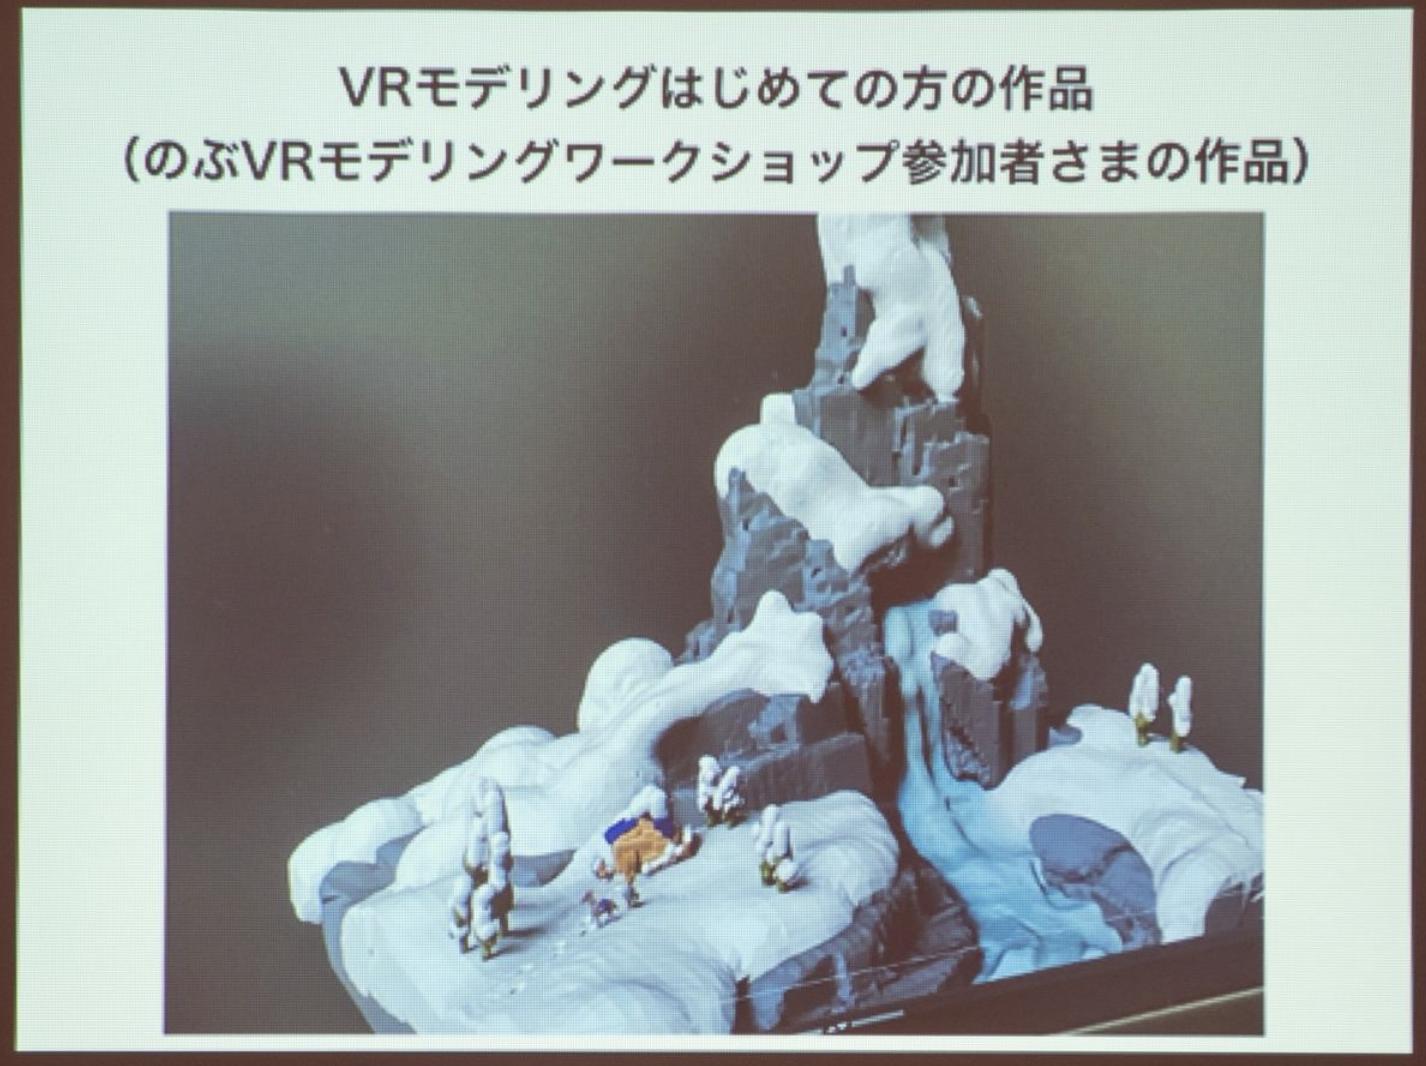 マイナビニュース|VRモデリングは単純に楽しい! ZBrush伝道師の福井信明氏が語るVRの可能性と活用法 - ワンフェス2020[冬]